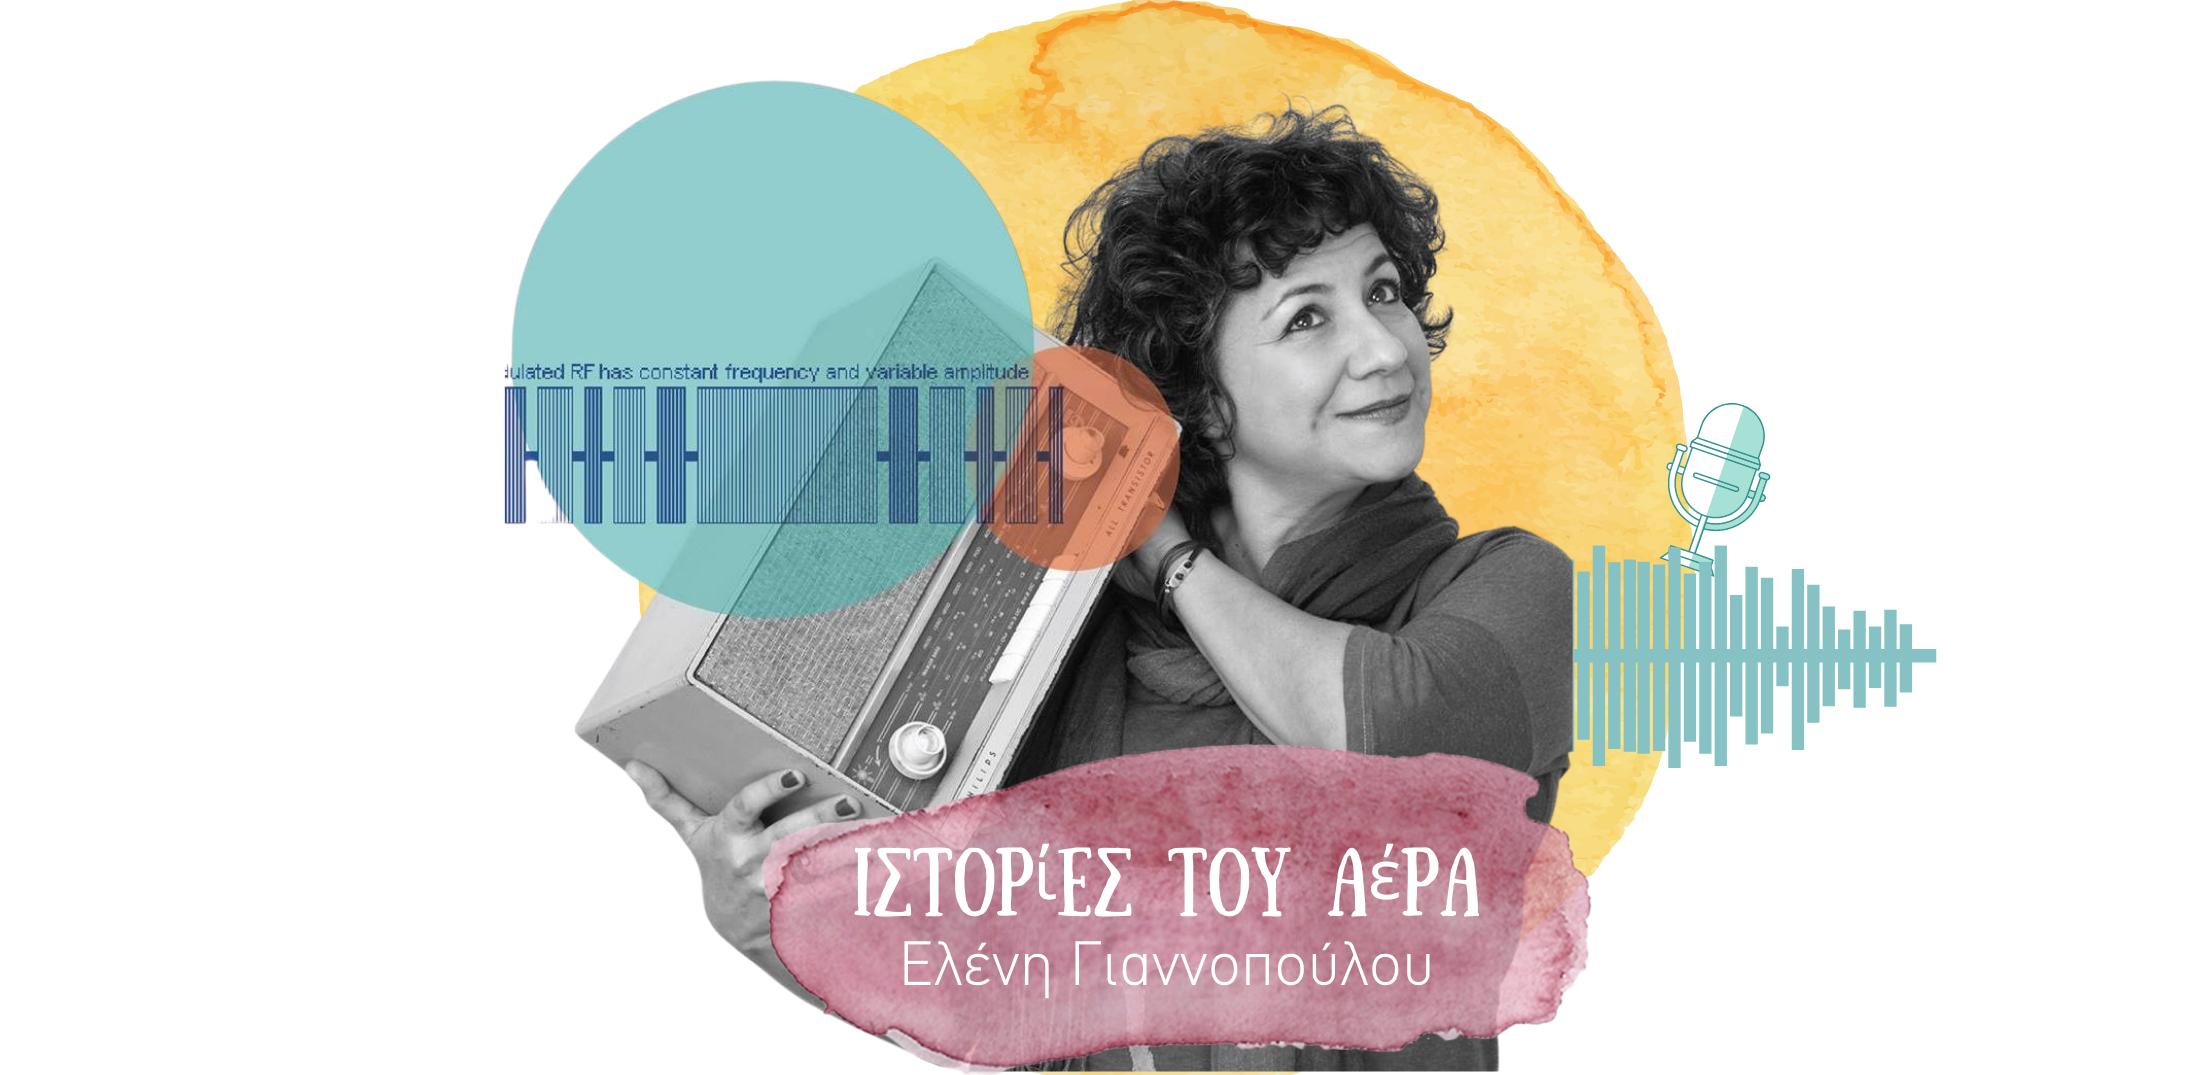 Ιστορίες του αέρα από την Ελένη Γιαννοπούλου_zvoura.gr